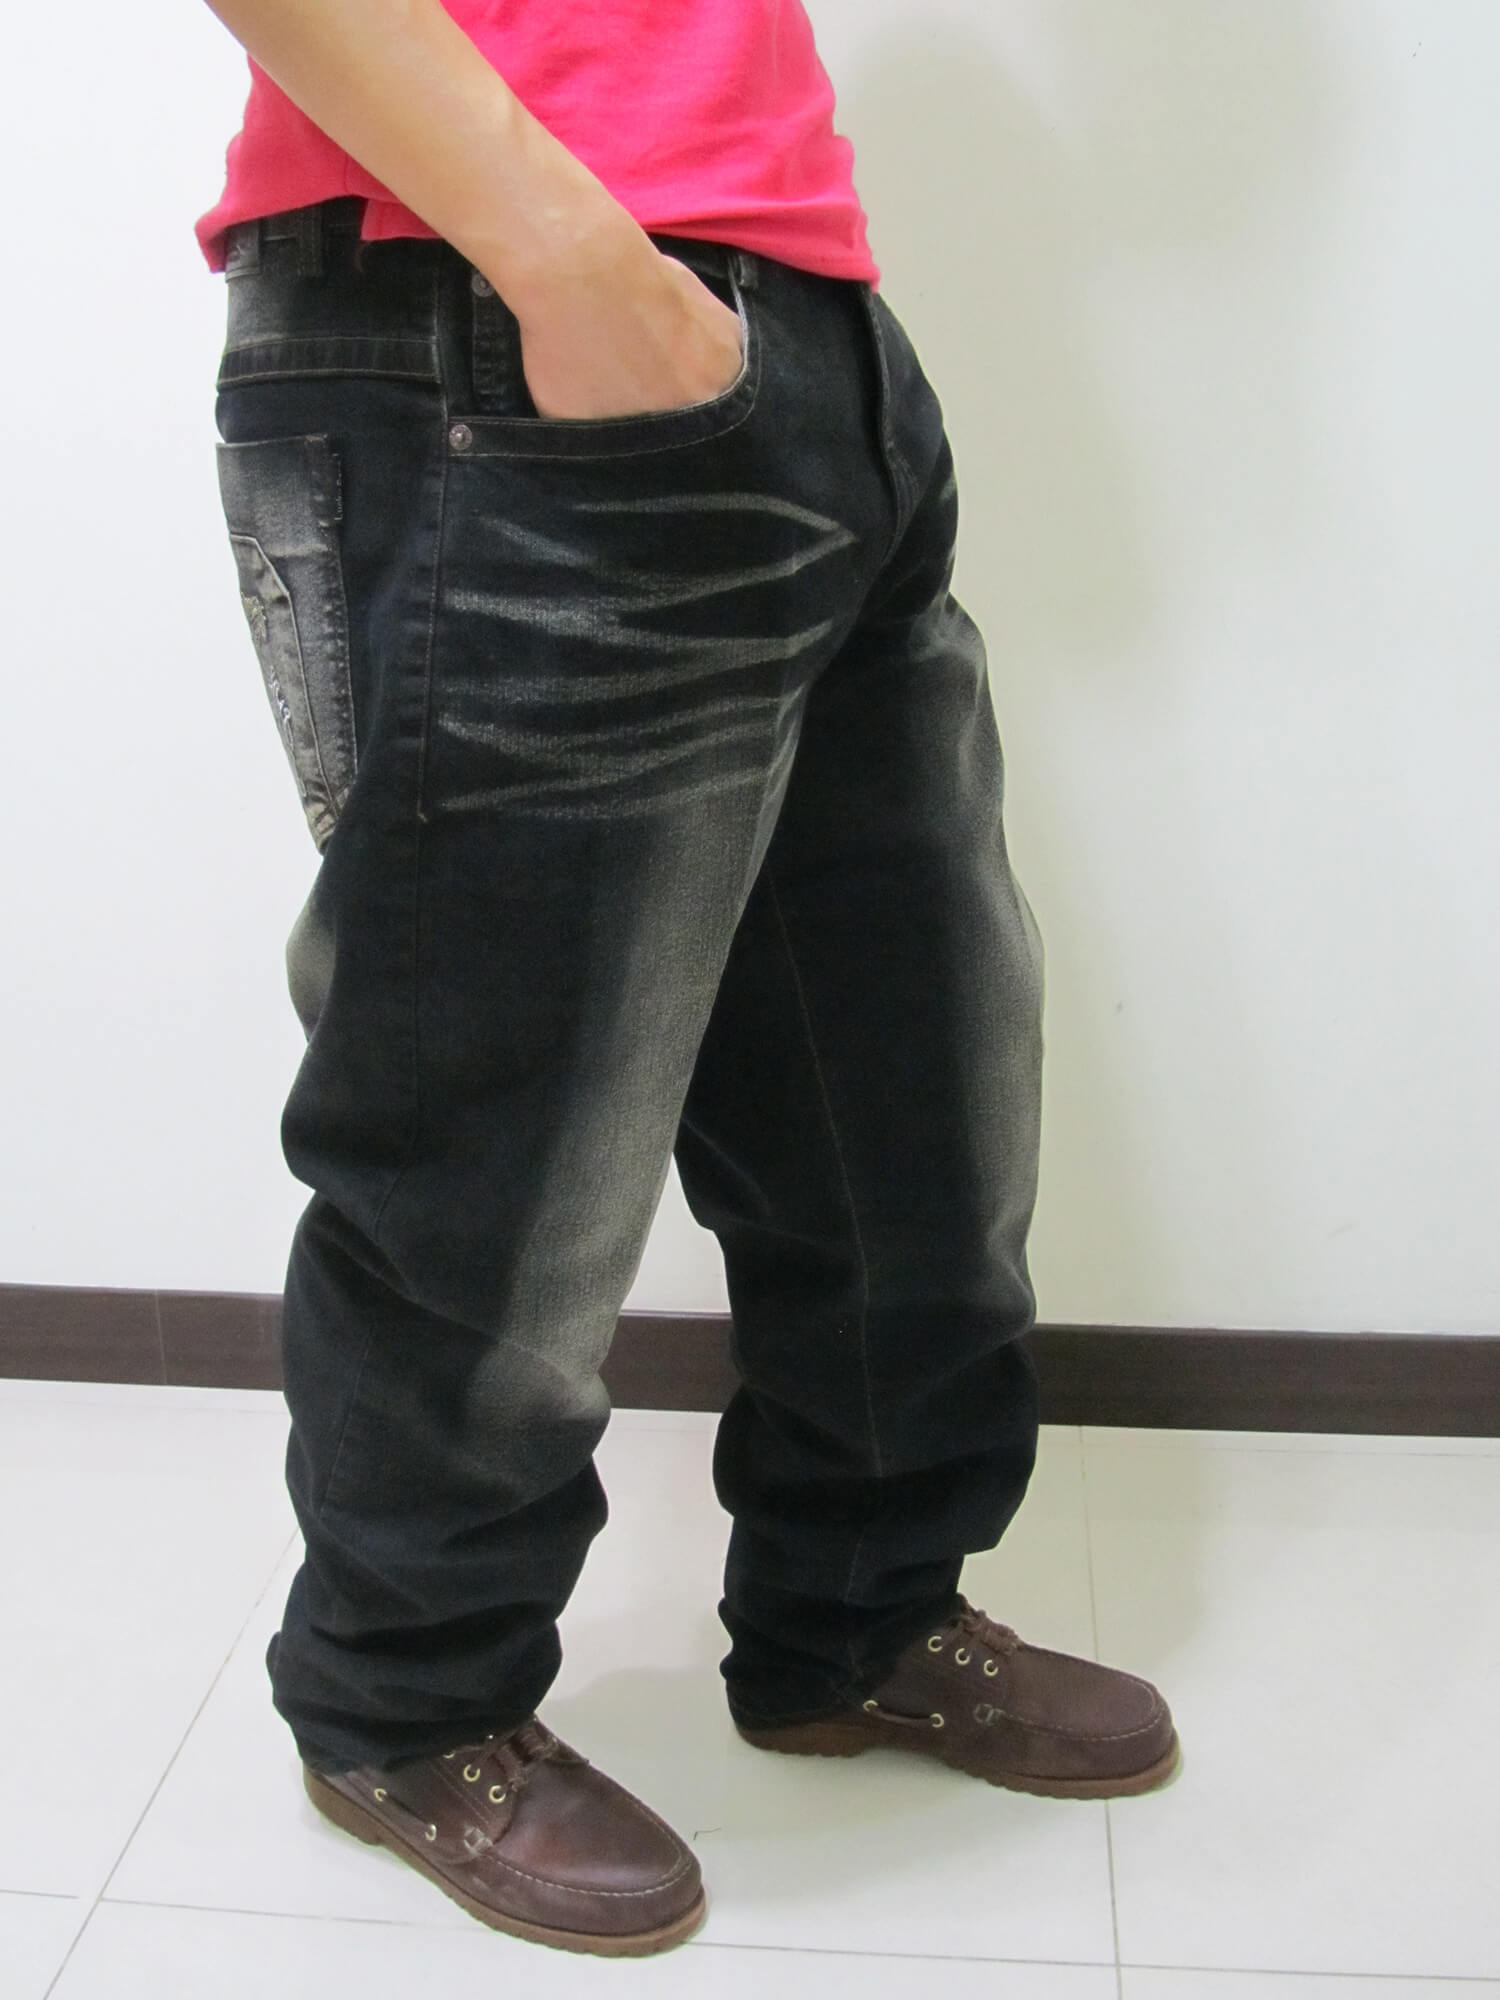 sun-e加大尺碼台灣製造復古.後口袋日系和風繡圖牛仔直筒長褲、加大尺碼黑色牛仔褲、加大尺碼牛仔長褲、加大尺碼單寧長褲、加大尺碼褲子、(390-1388-37) 腰圍:40 42 44 46 48(英吋) 2